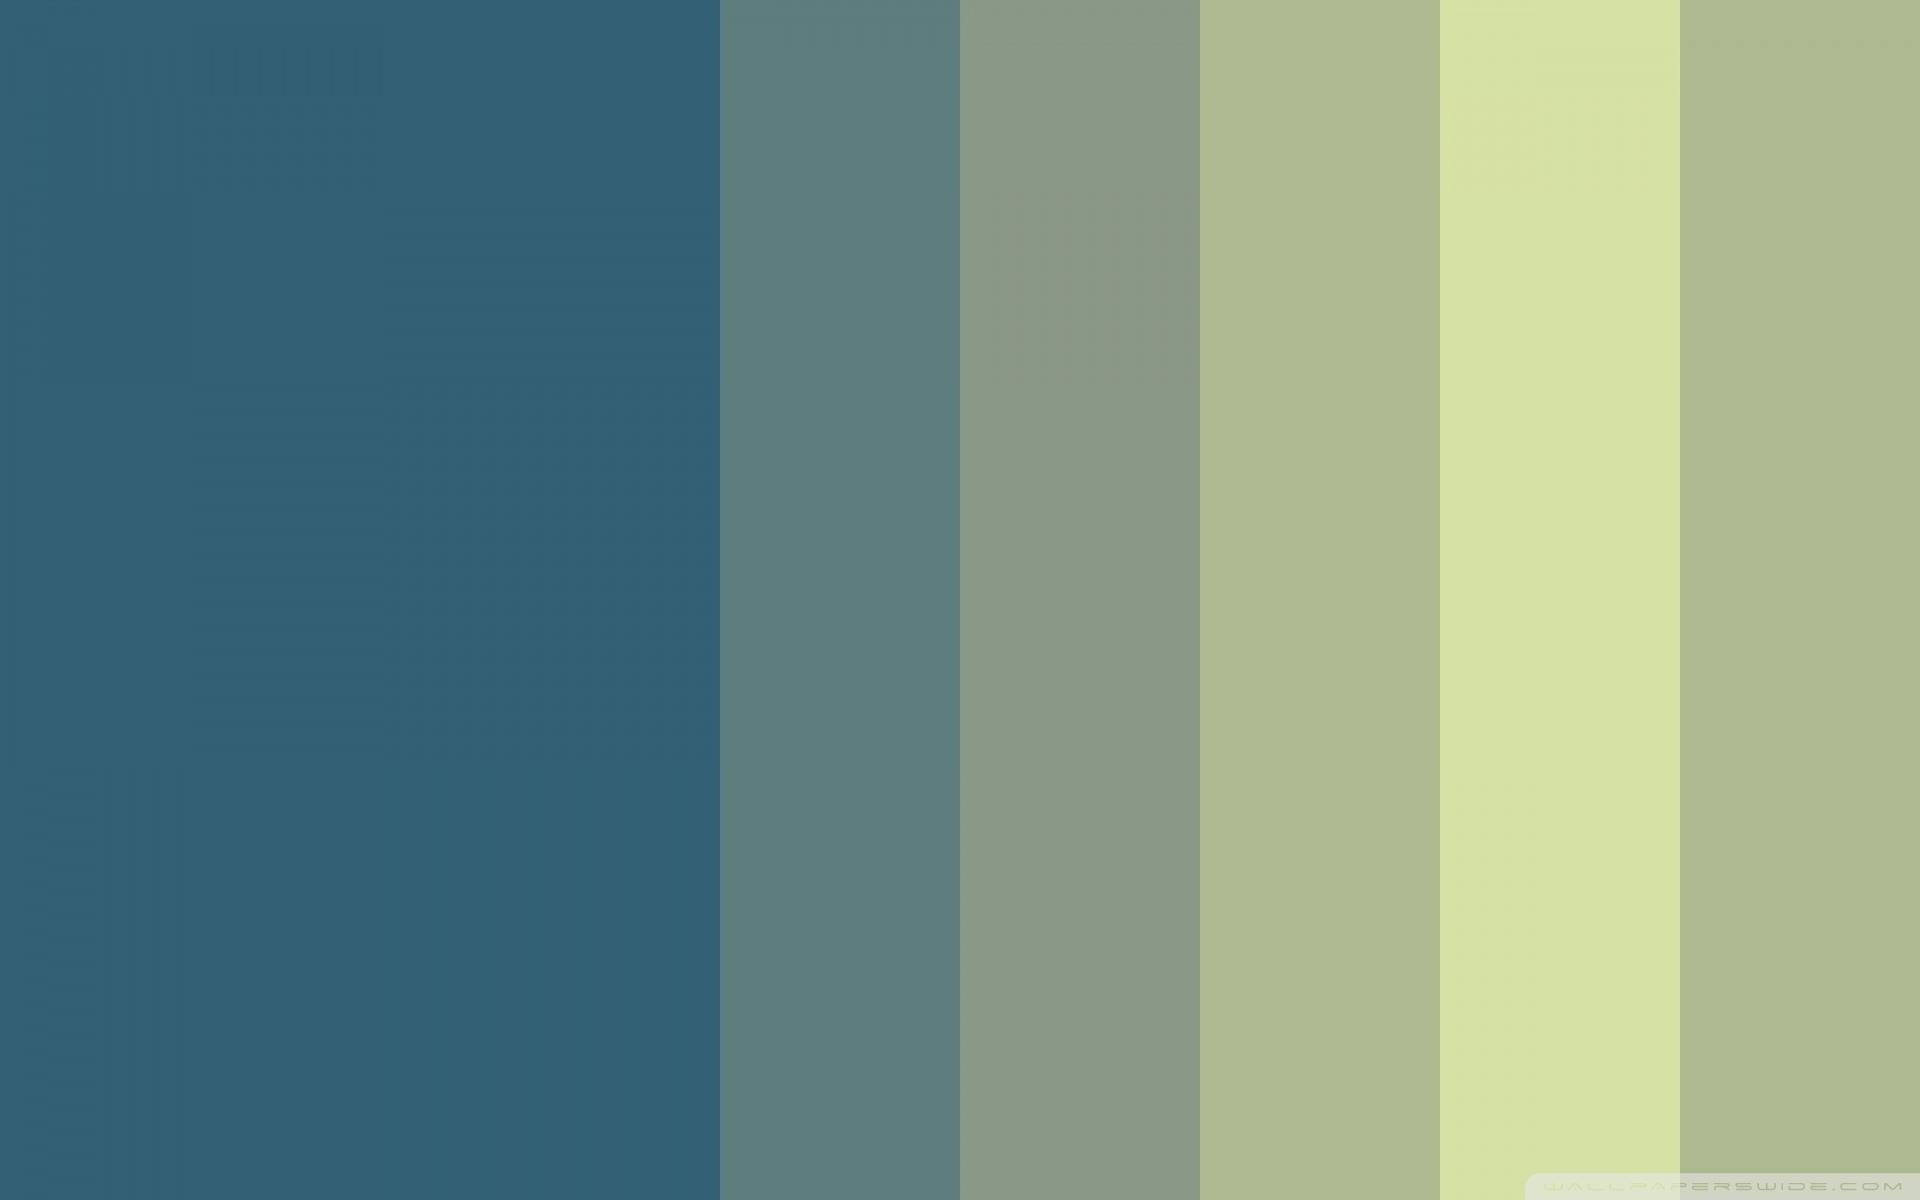 Purple And Green 3d Wallpaper Gradient Wallpapers Free Download Pixelstalk Net